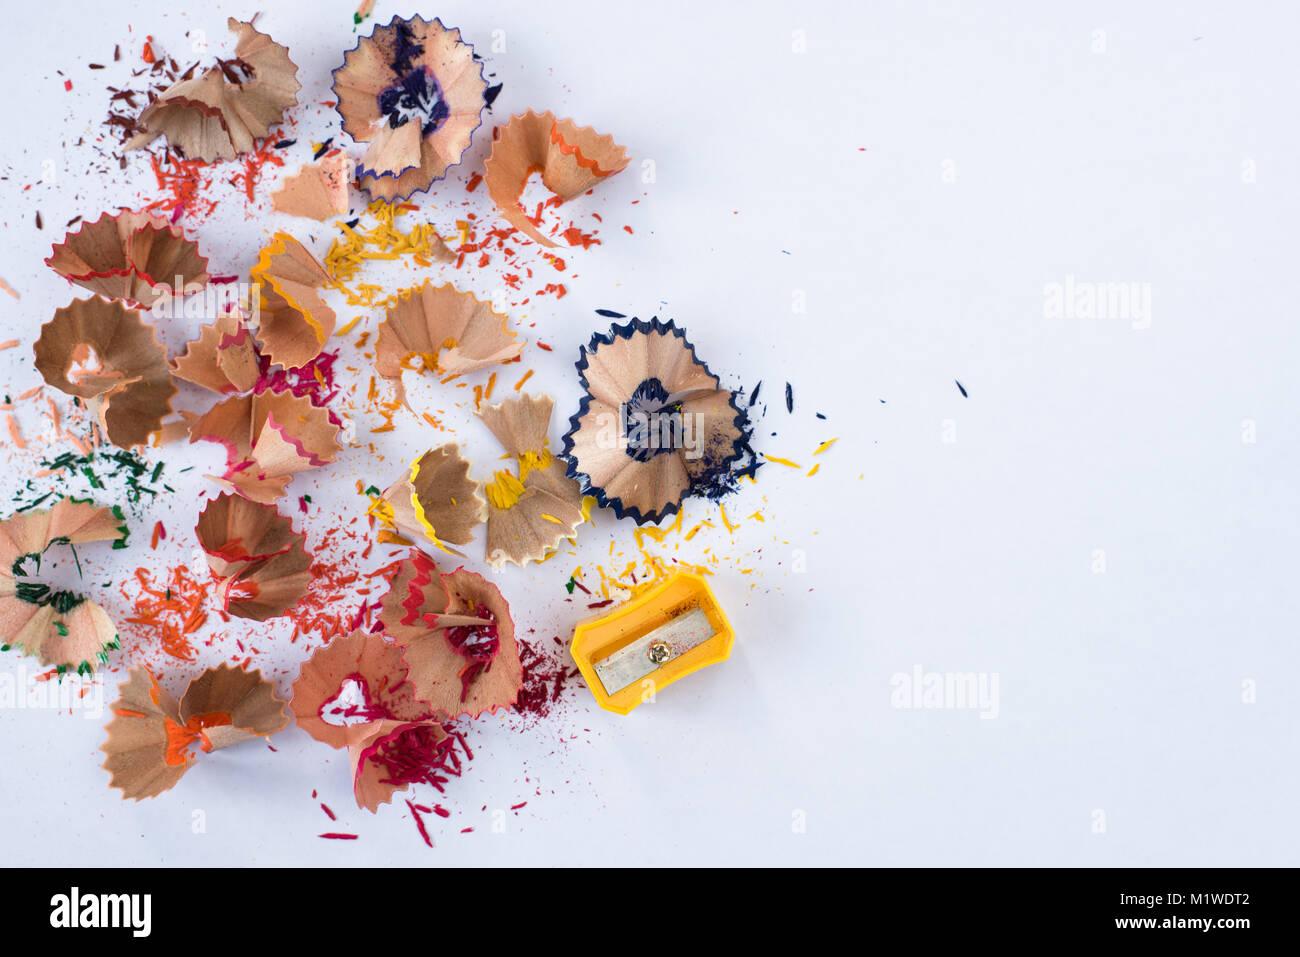 Matita colorata la rasatura su sfondo bianco. scuola educazione Nozione Immagini Stock